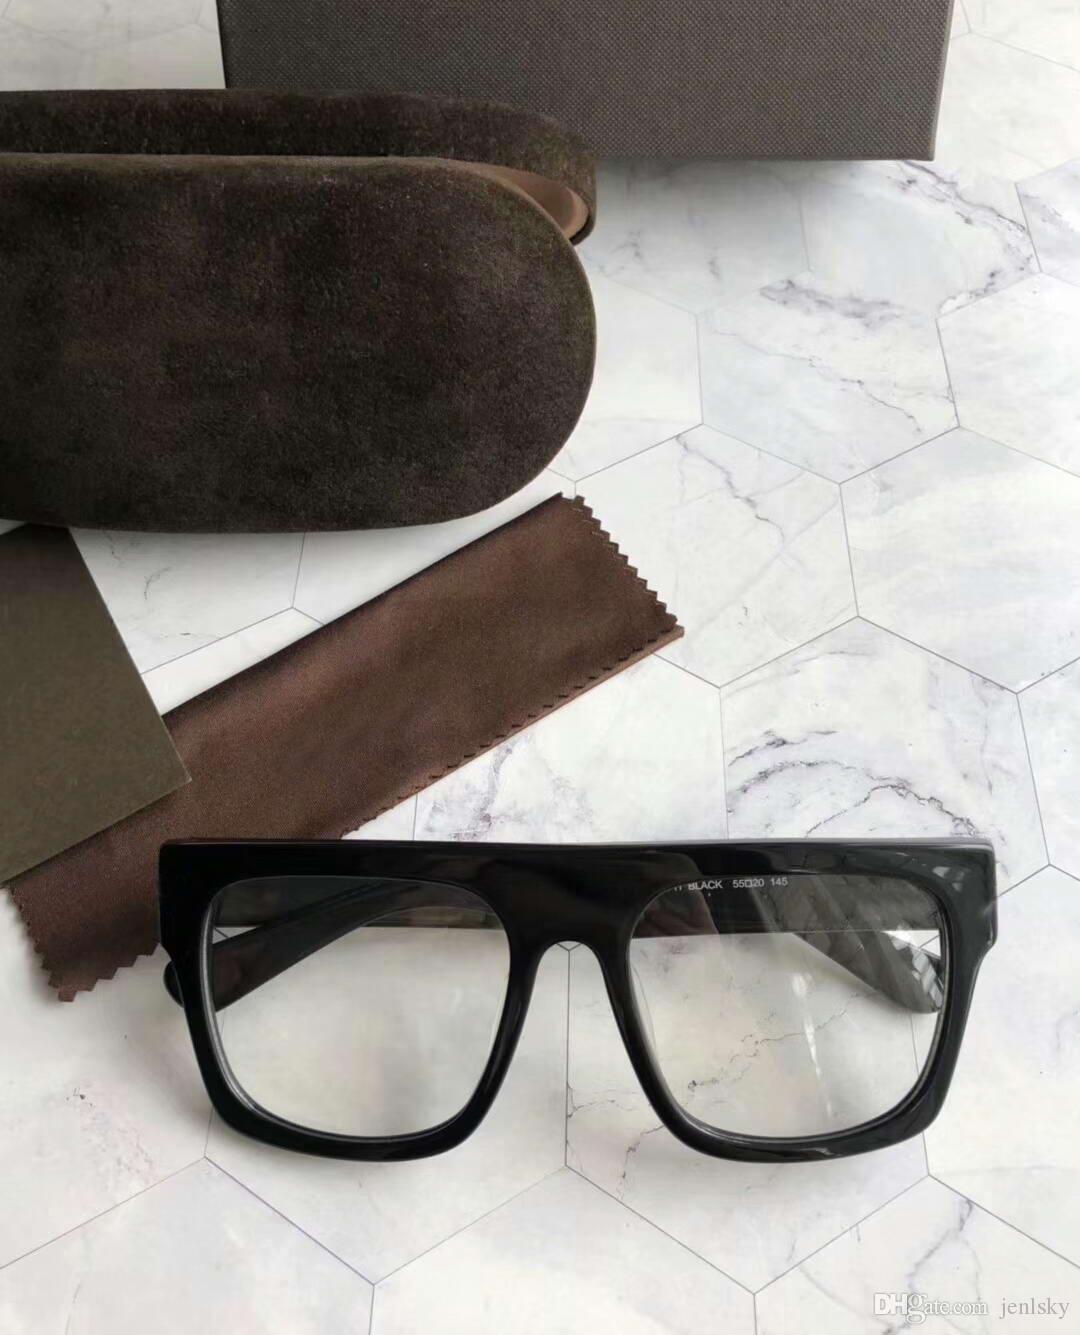 Herren 0711 Eyglasse Brille Black Frame Clear Len Gafas de Sol Mode Sonnenbrille Brille Eyewear Neu mit Kasten